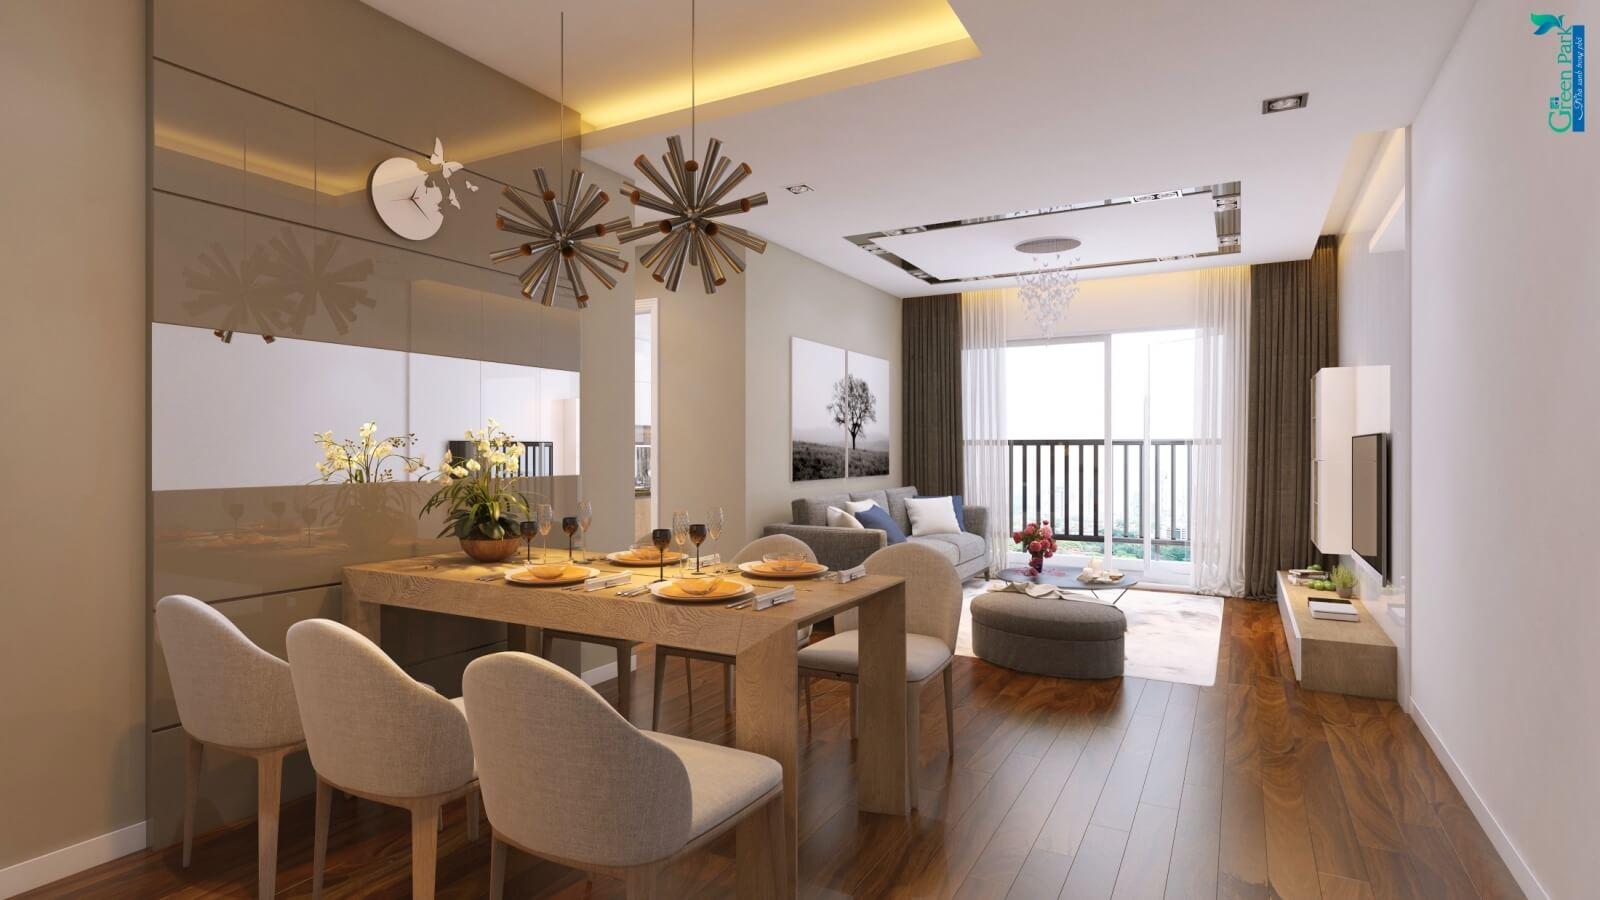 Nội thất căn hộ cao cấp Phương Đông Green Park